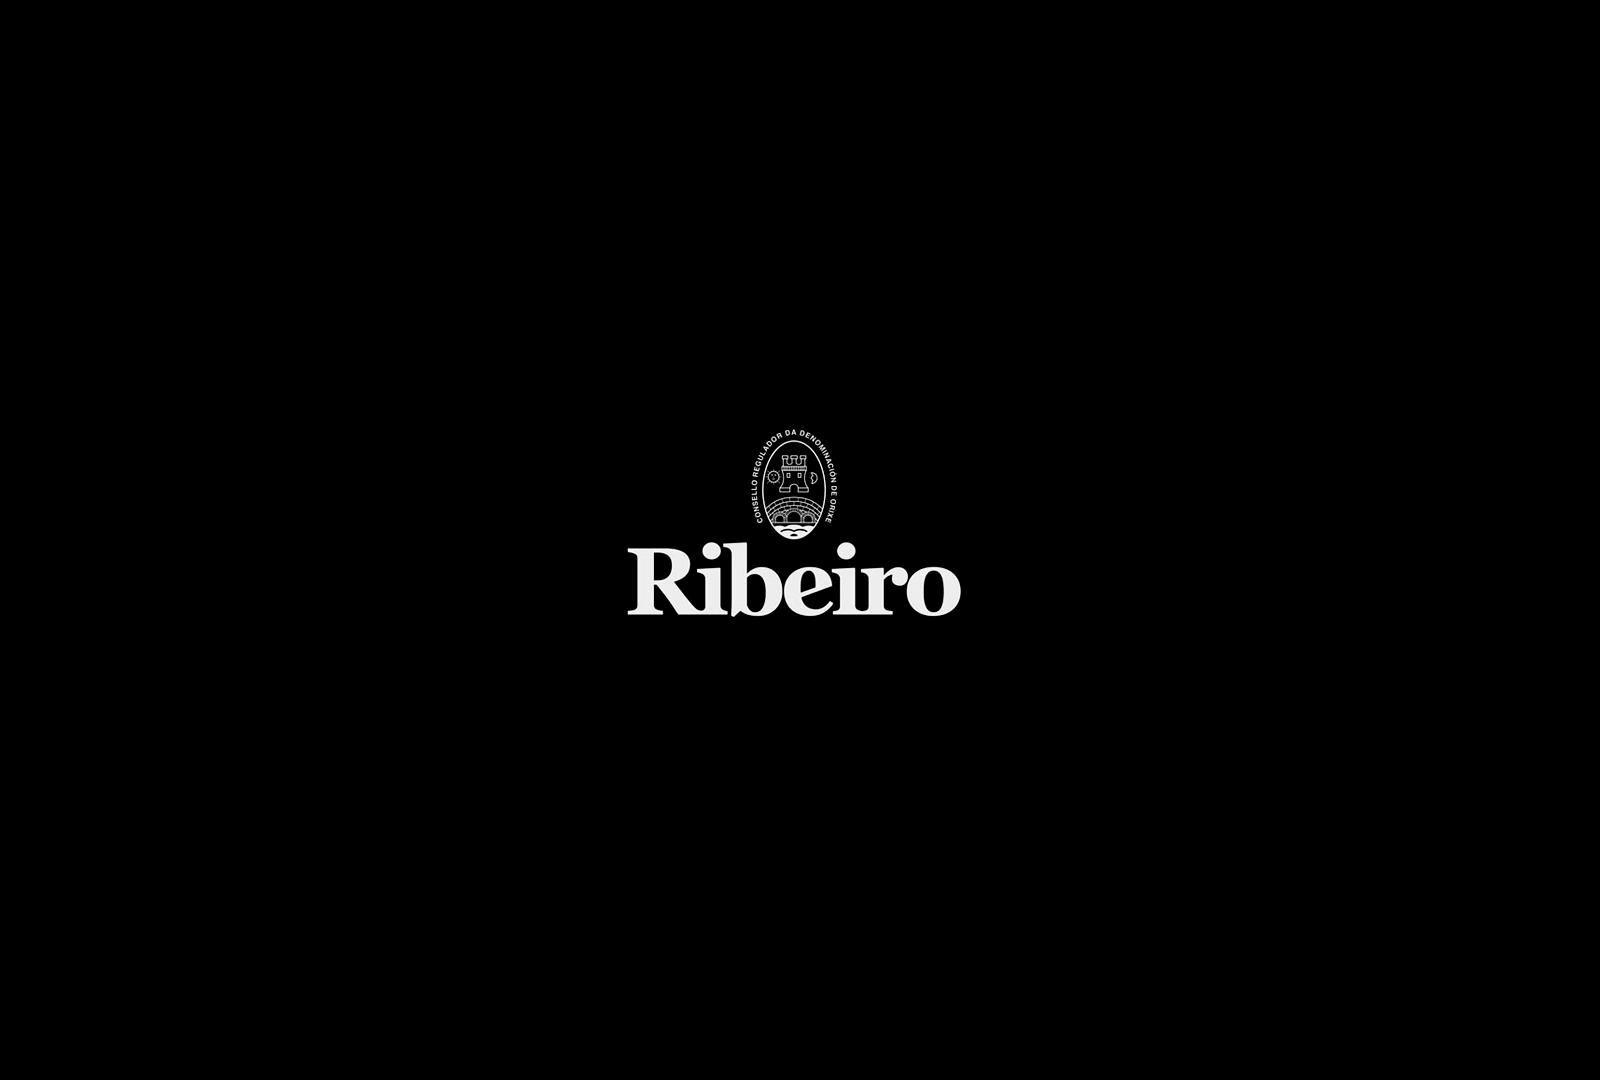 Éxito de la D.O. Riberiro en Prowein.